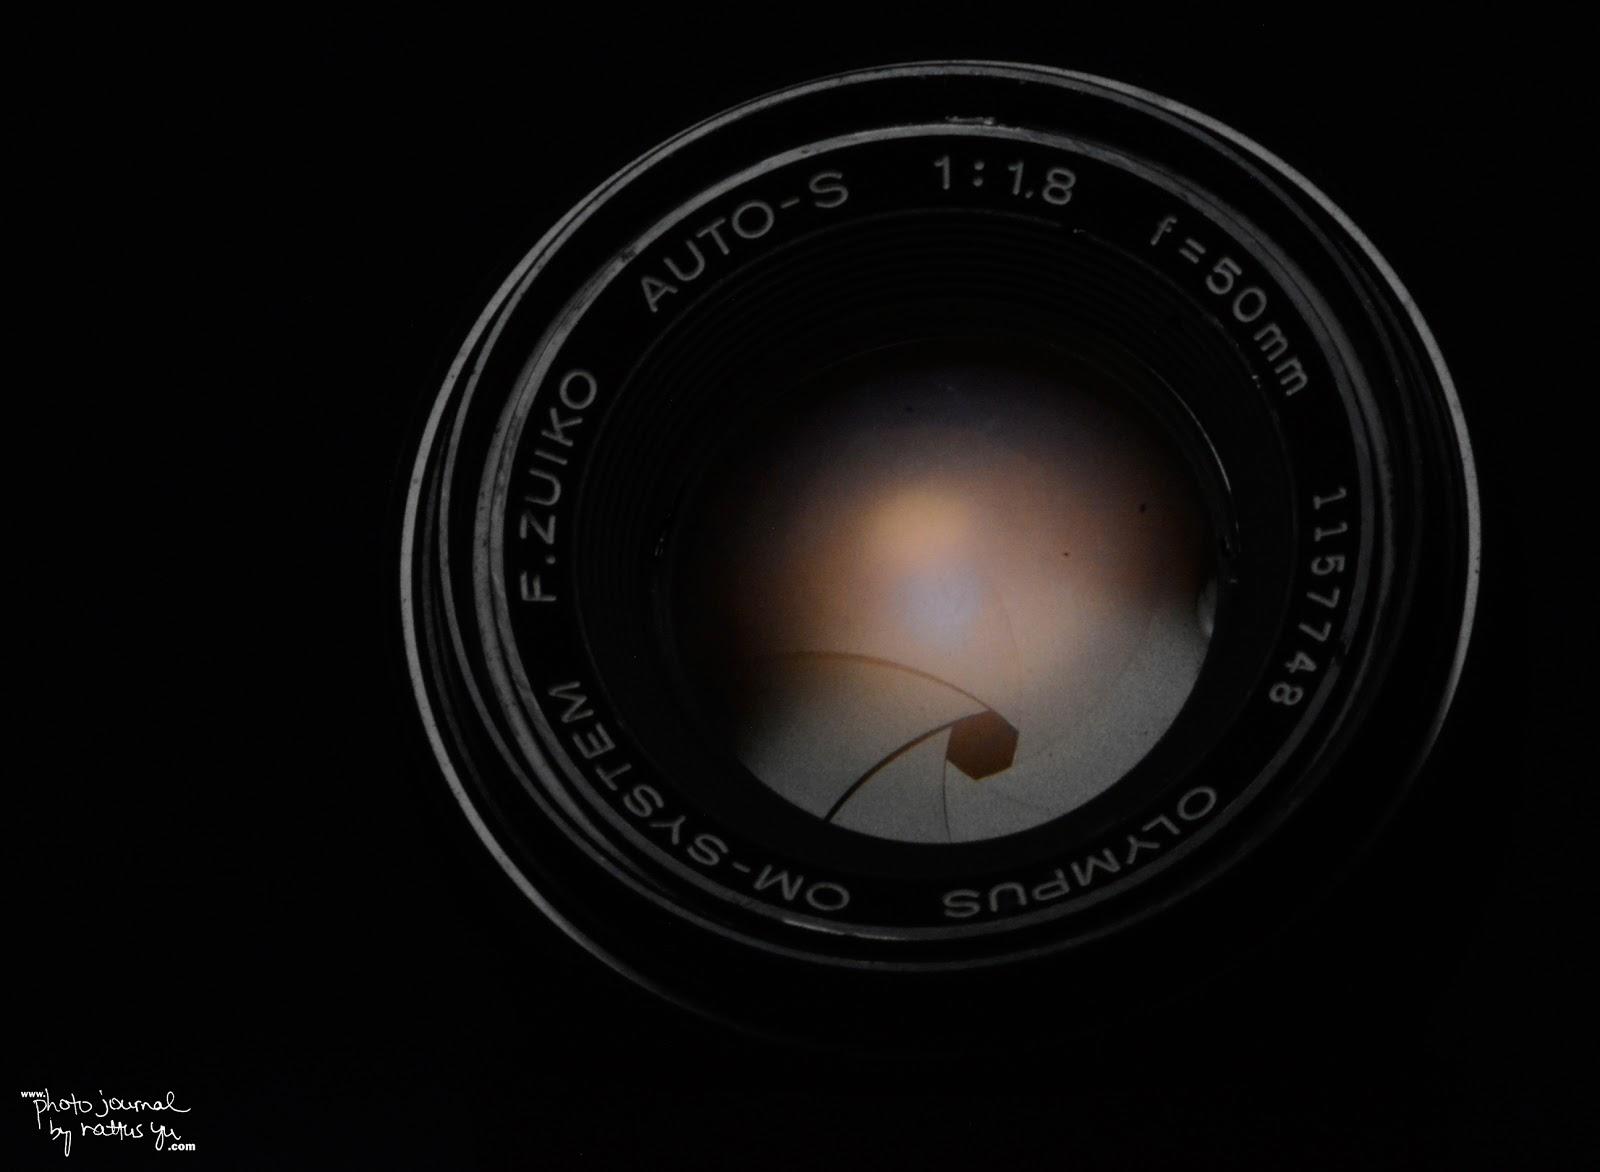 Olympus F.Zuiko Auto-S 50mm f/1.8